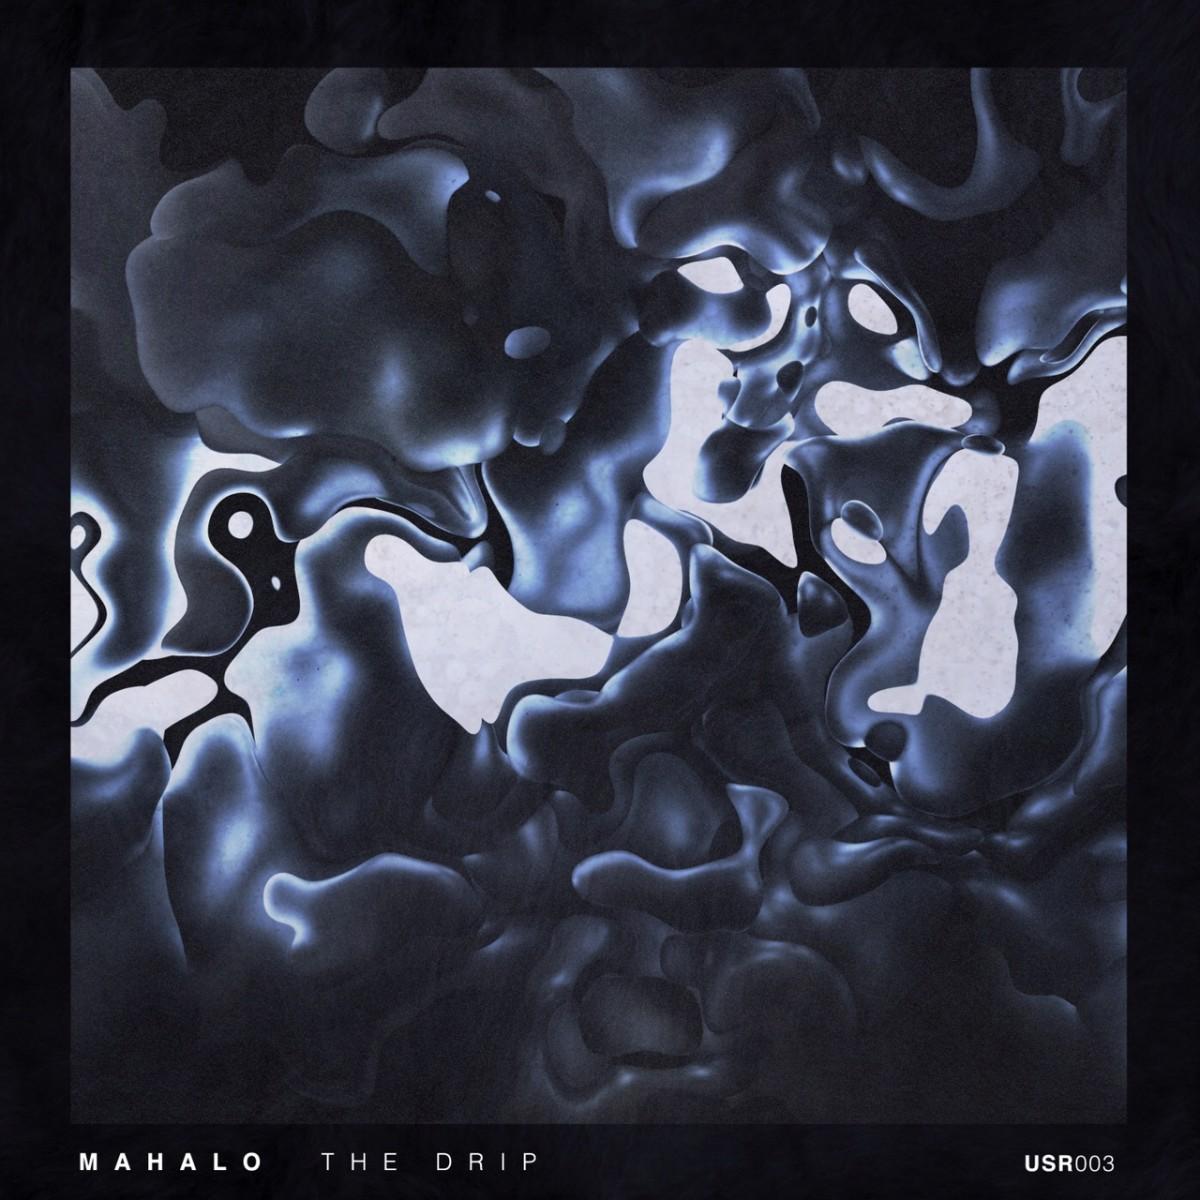 Mahalo - The Drip